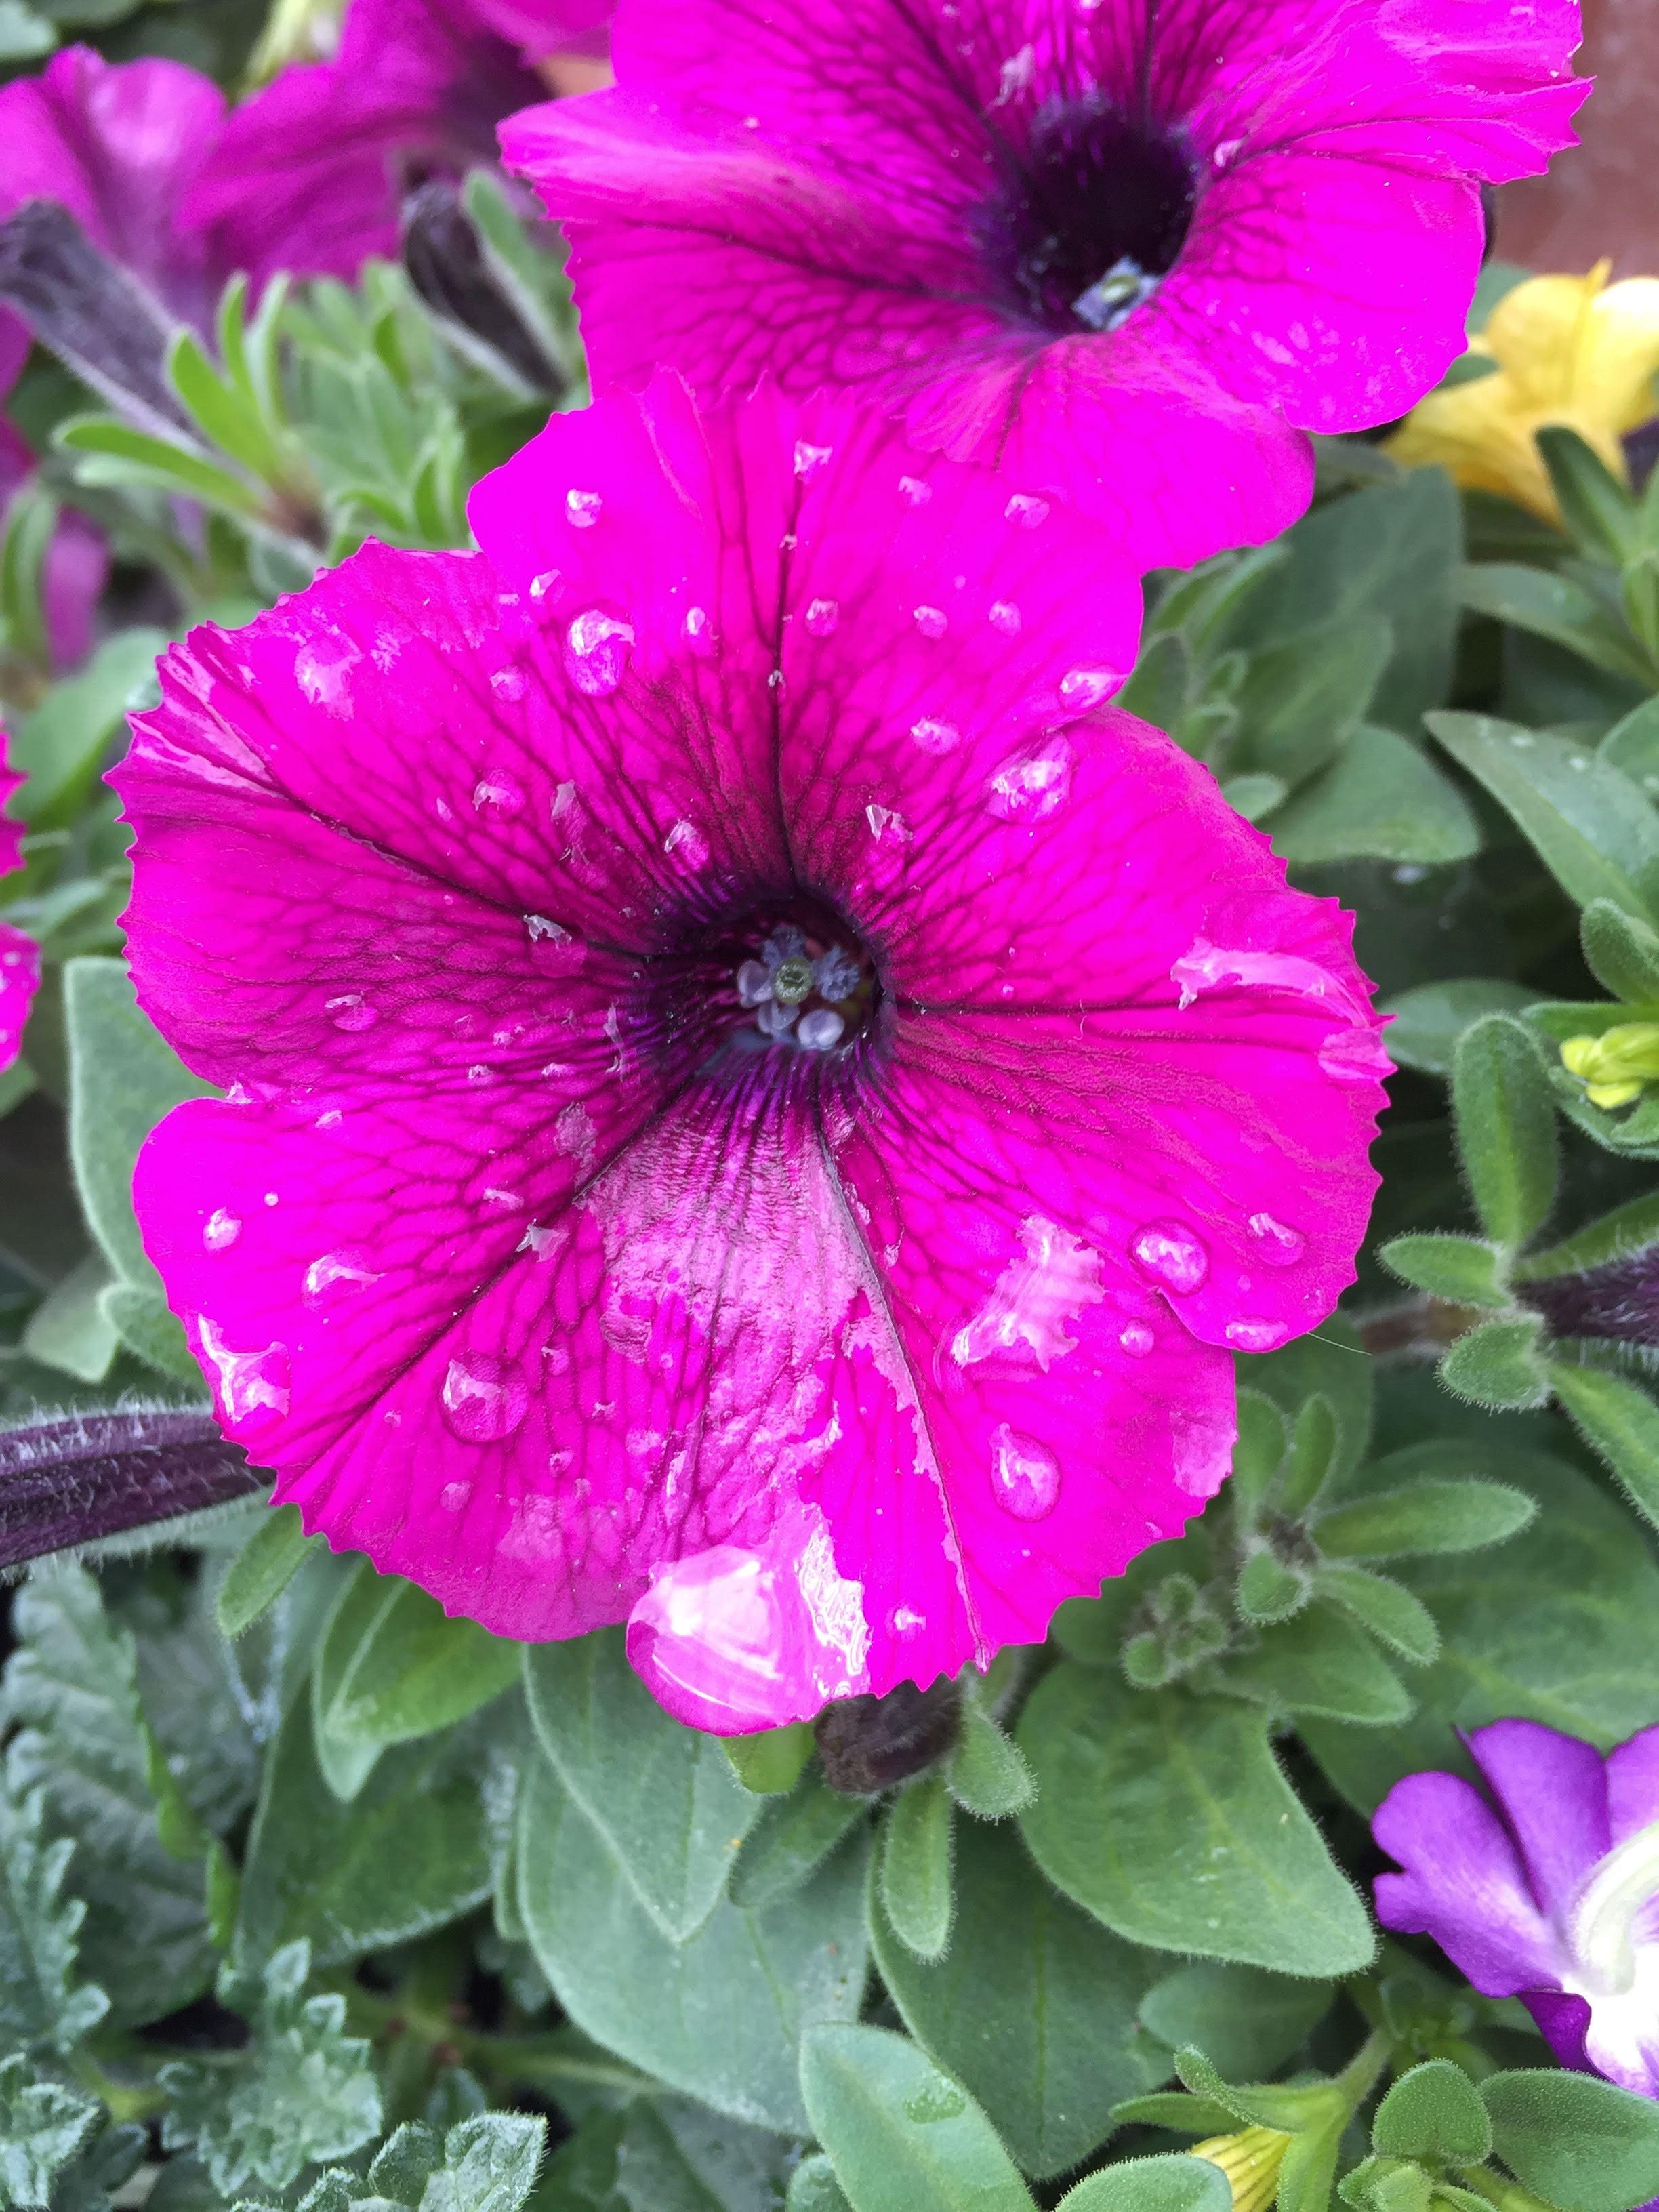 Petunias-summer blooming annual flower_